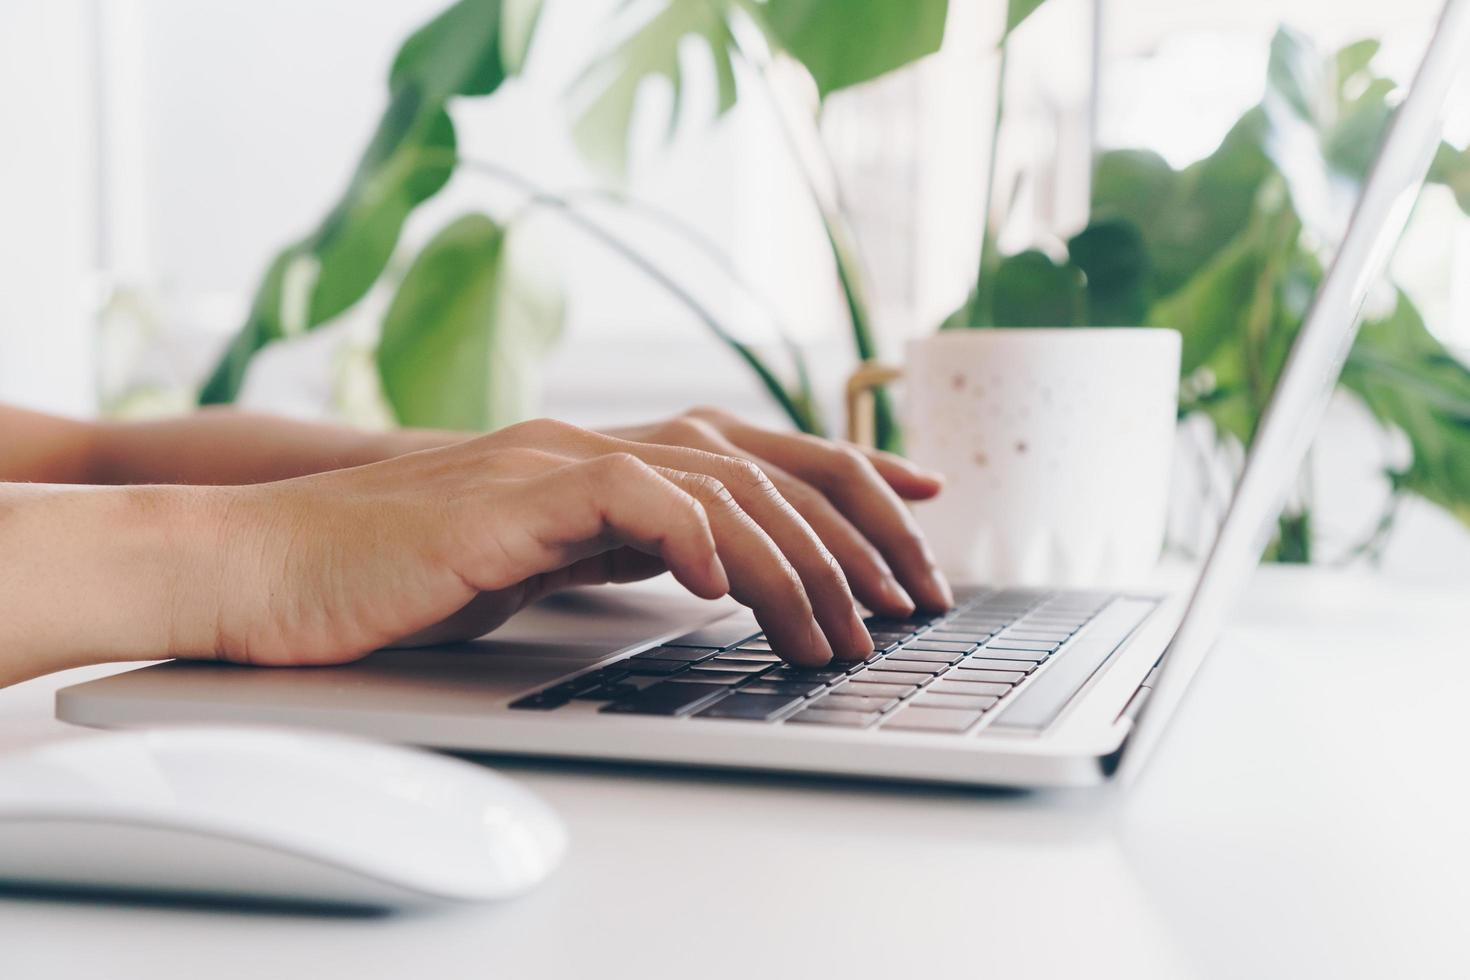 personne utilisant un ordinateur portable pour étudier sur un bureau photo